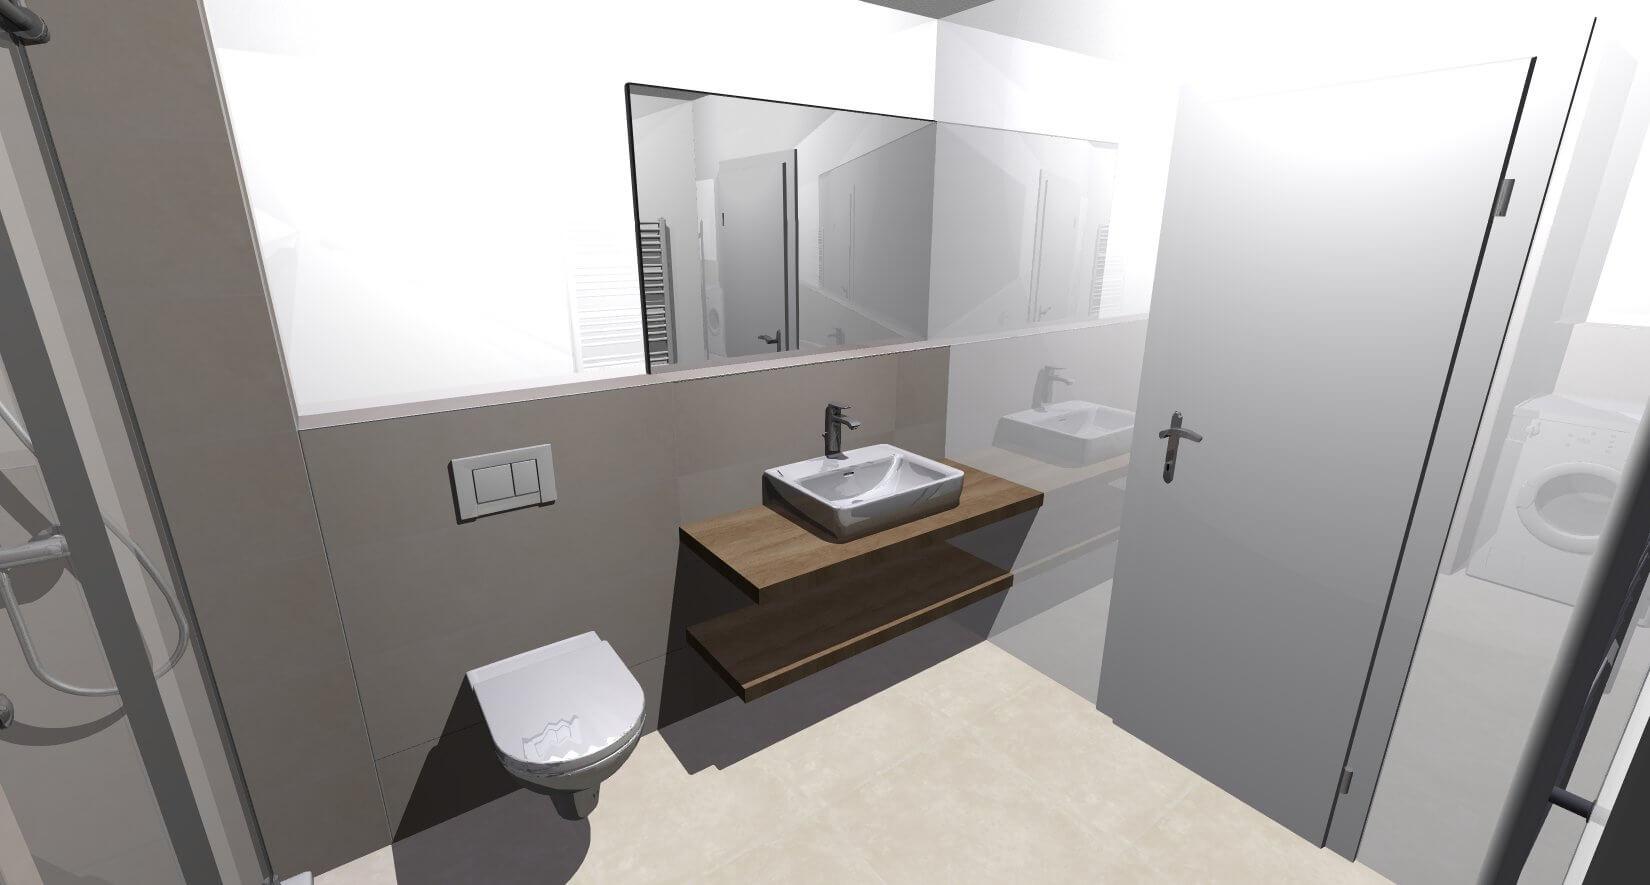 Predané: Novostavba posledný 1 izbový byt, širšie centrum v Bratislave, Beskydská ulica, 44,87m2, štandard, terasa 40m2-11